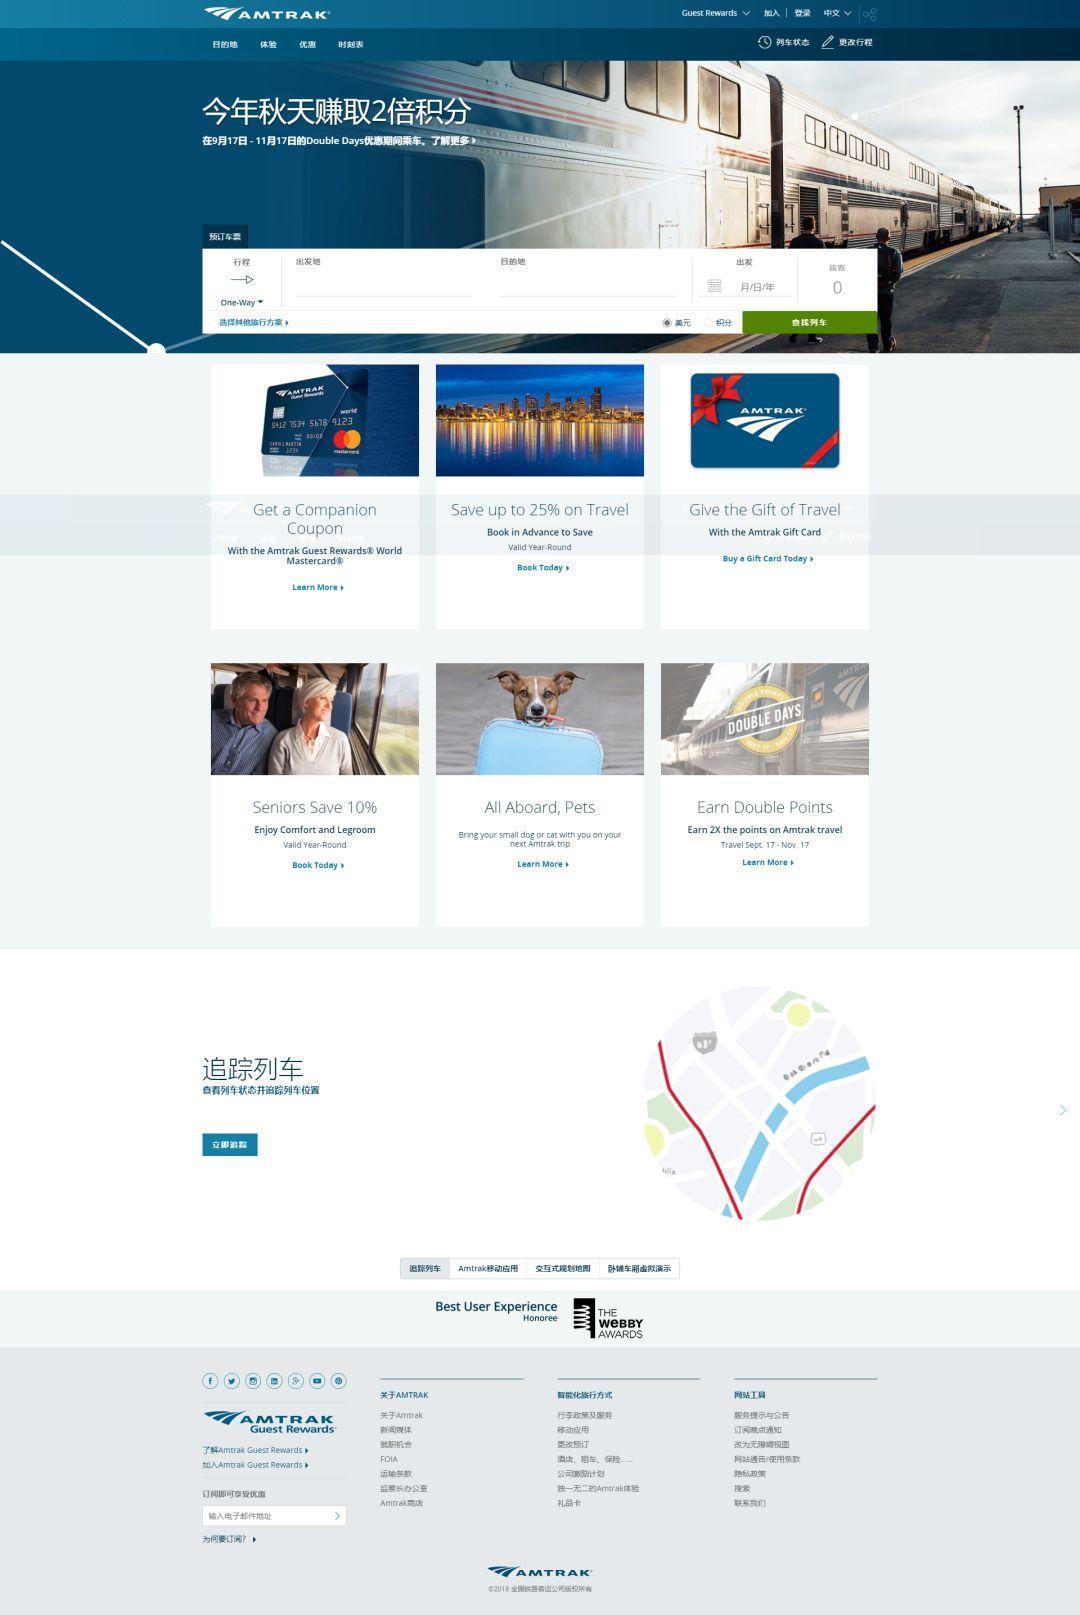 12306网站全新改版上线,这次的设计能给多少分?